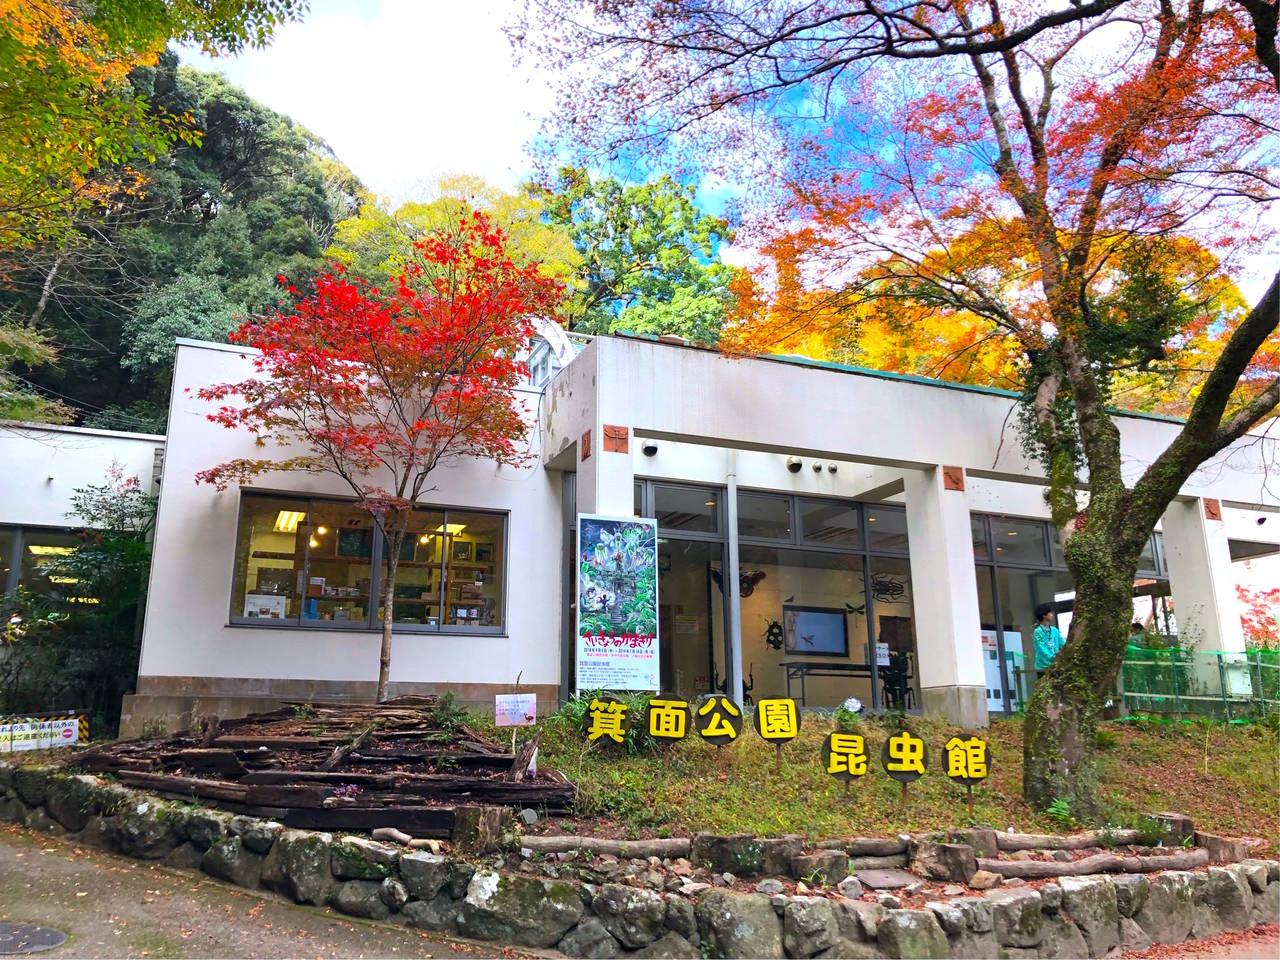 【大阪】いろんな昆虫たちと出会える!「箕面公園昆虫館」